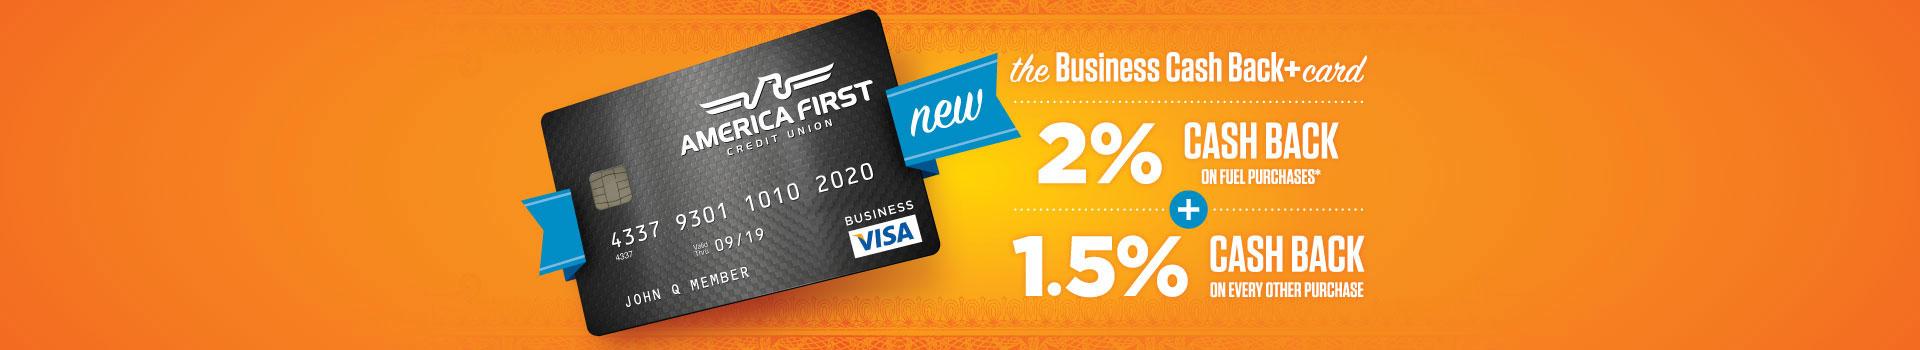 Utah Business Visa Credit Card & Visa IntelliLink - America First ...